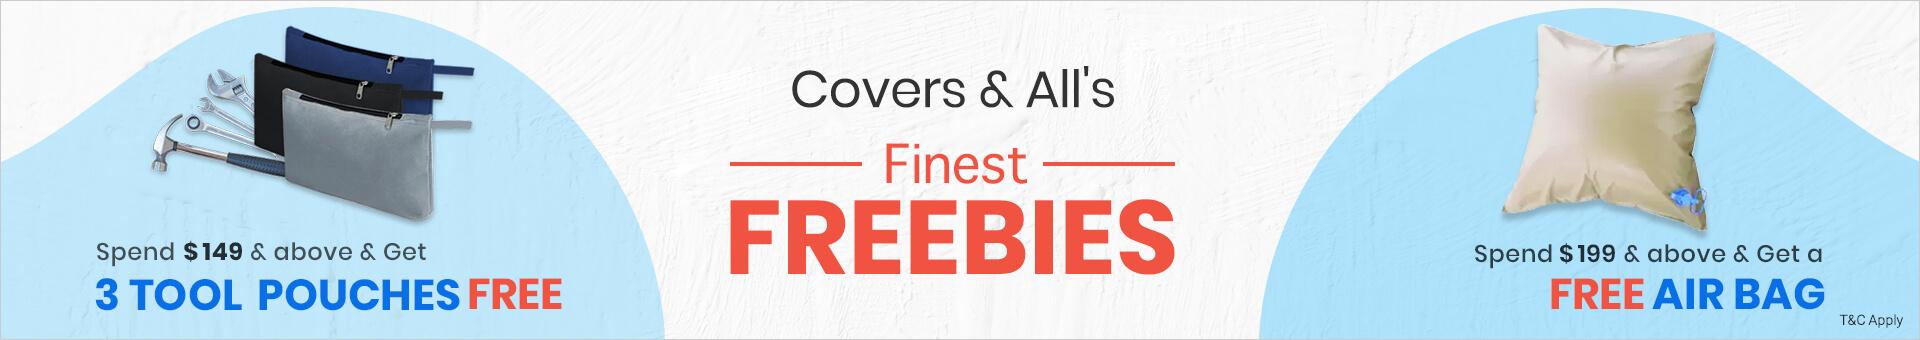 freebie offer